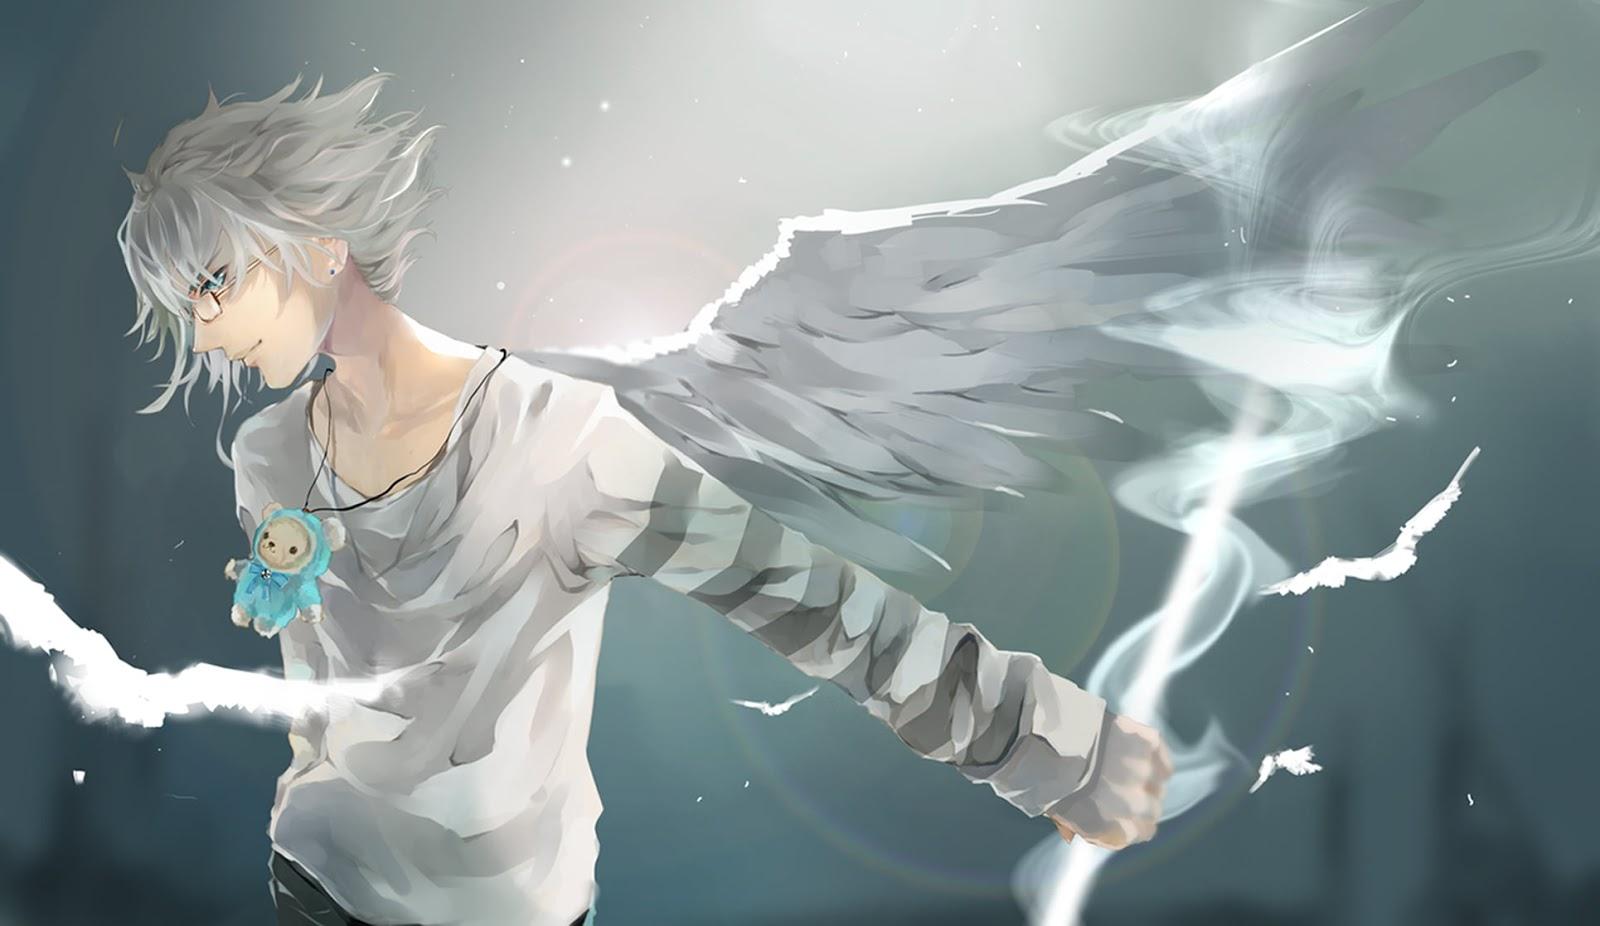 """Top 45 hình nền Anime Boy Full HD """"cực đẹp"""" cho máy tính của bạn"""